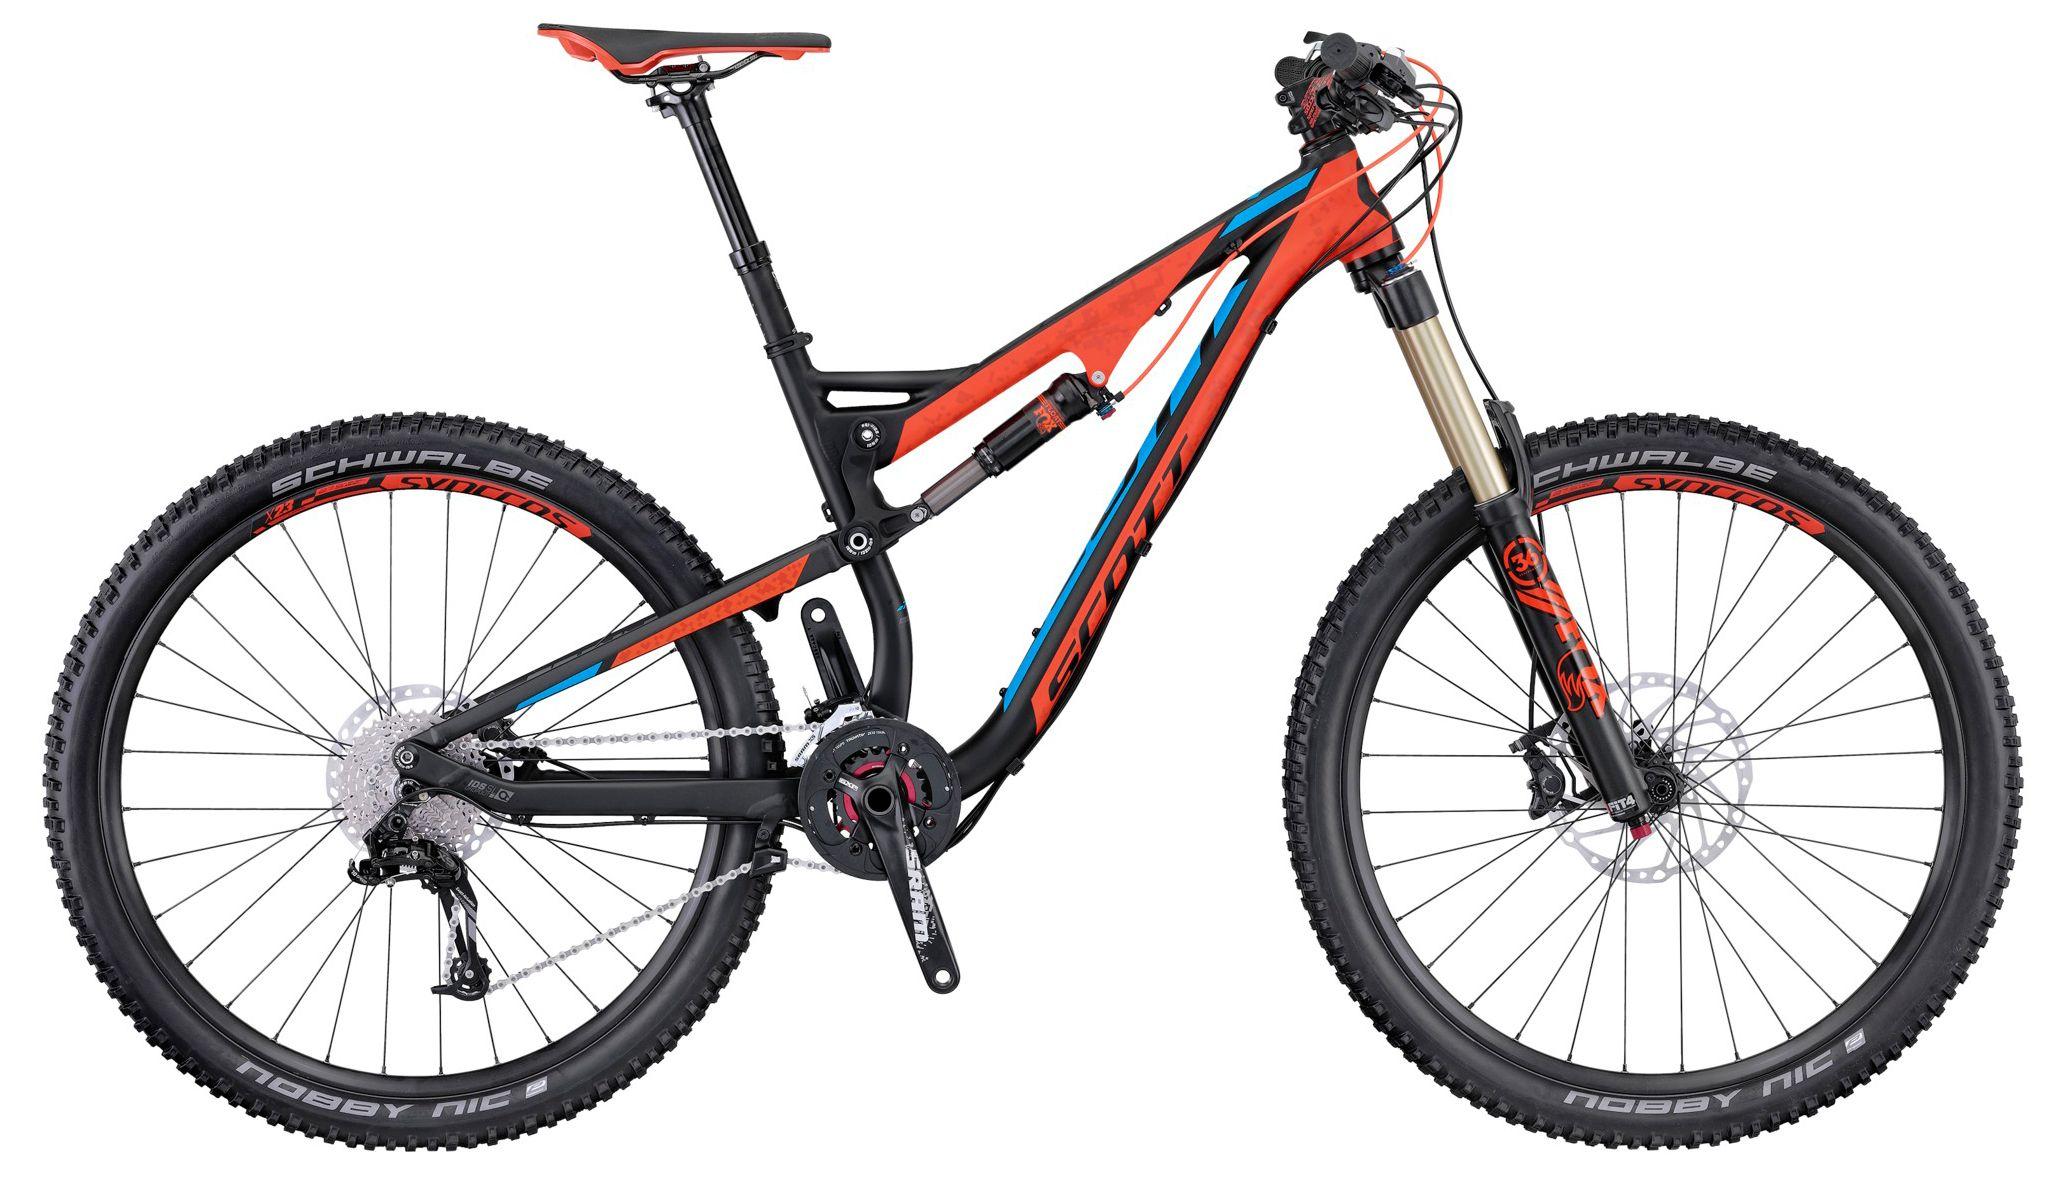 Велосипед Scott Genius LT 720 2016 велосипед scott aspect 700 27 5 2016